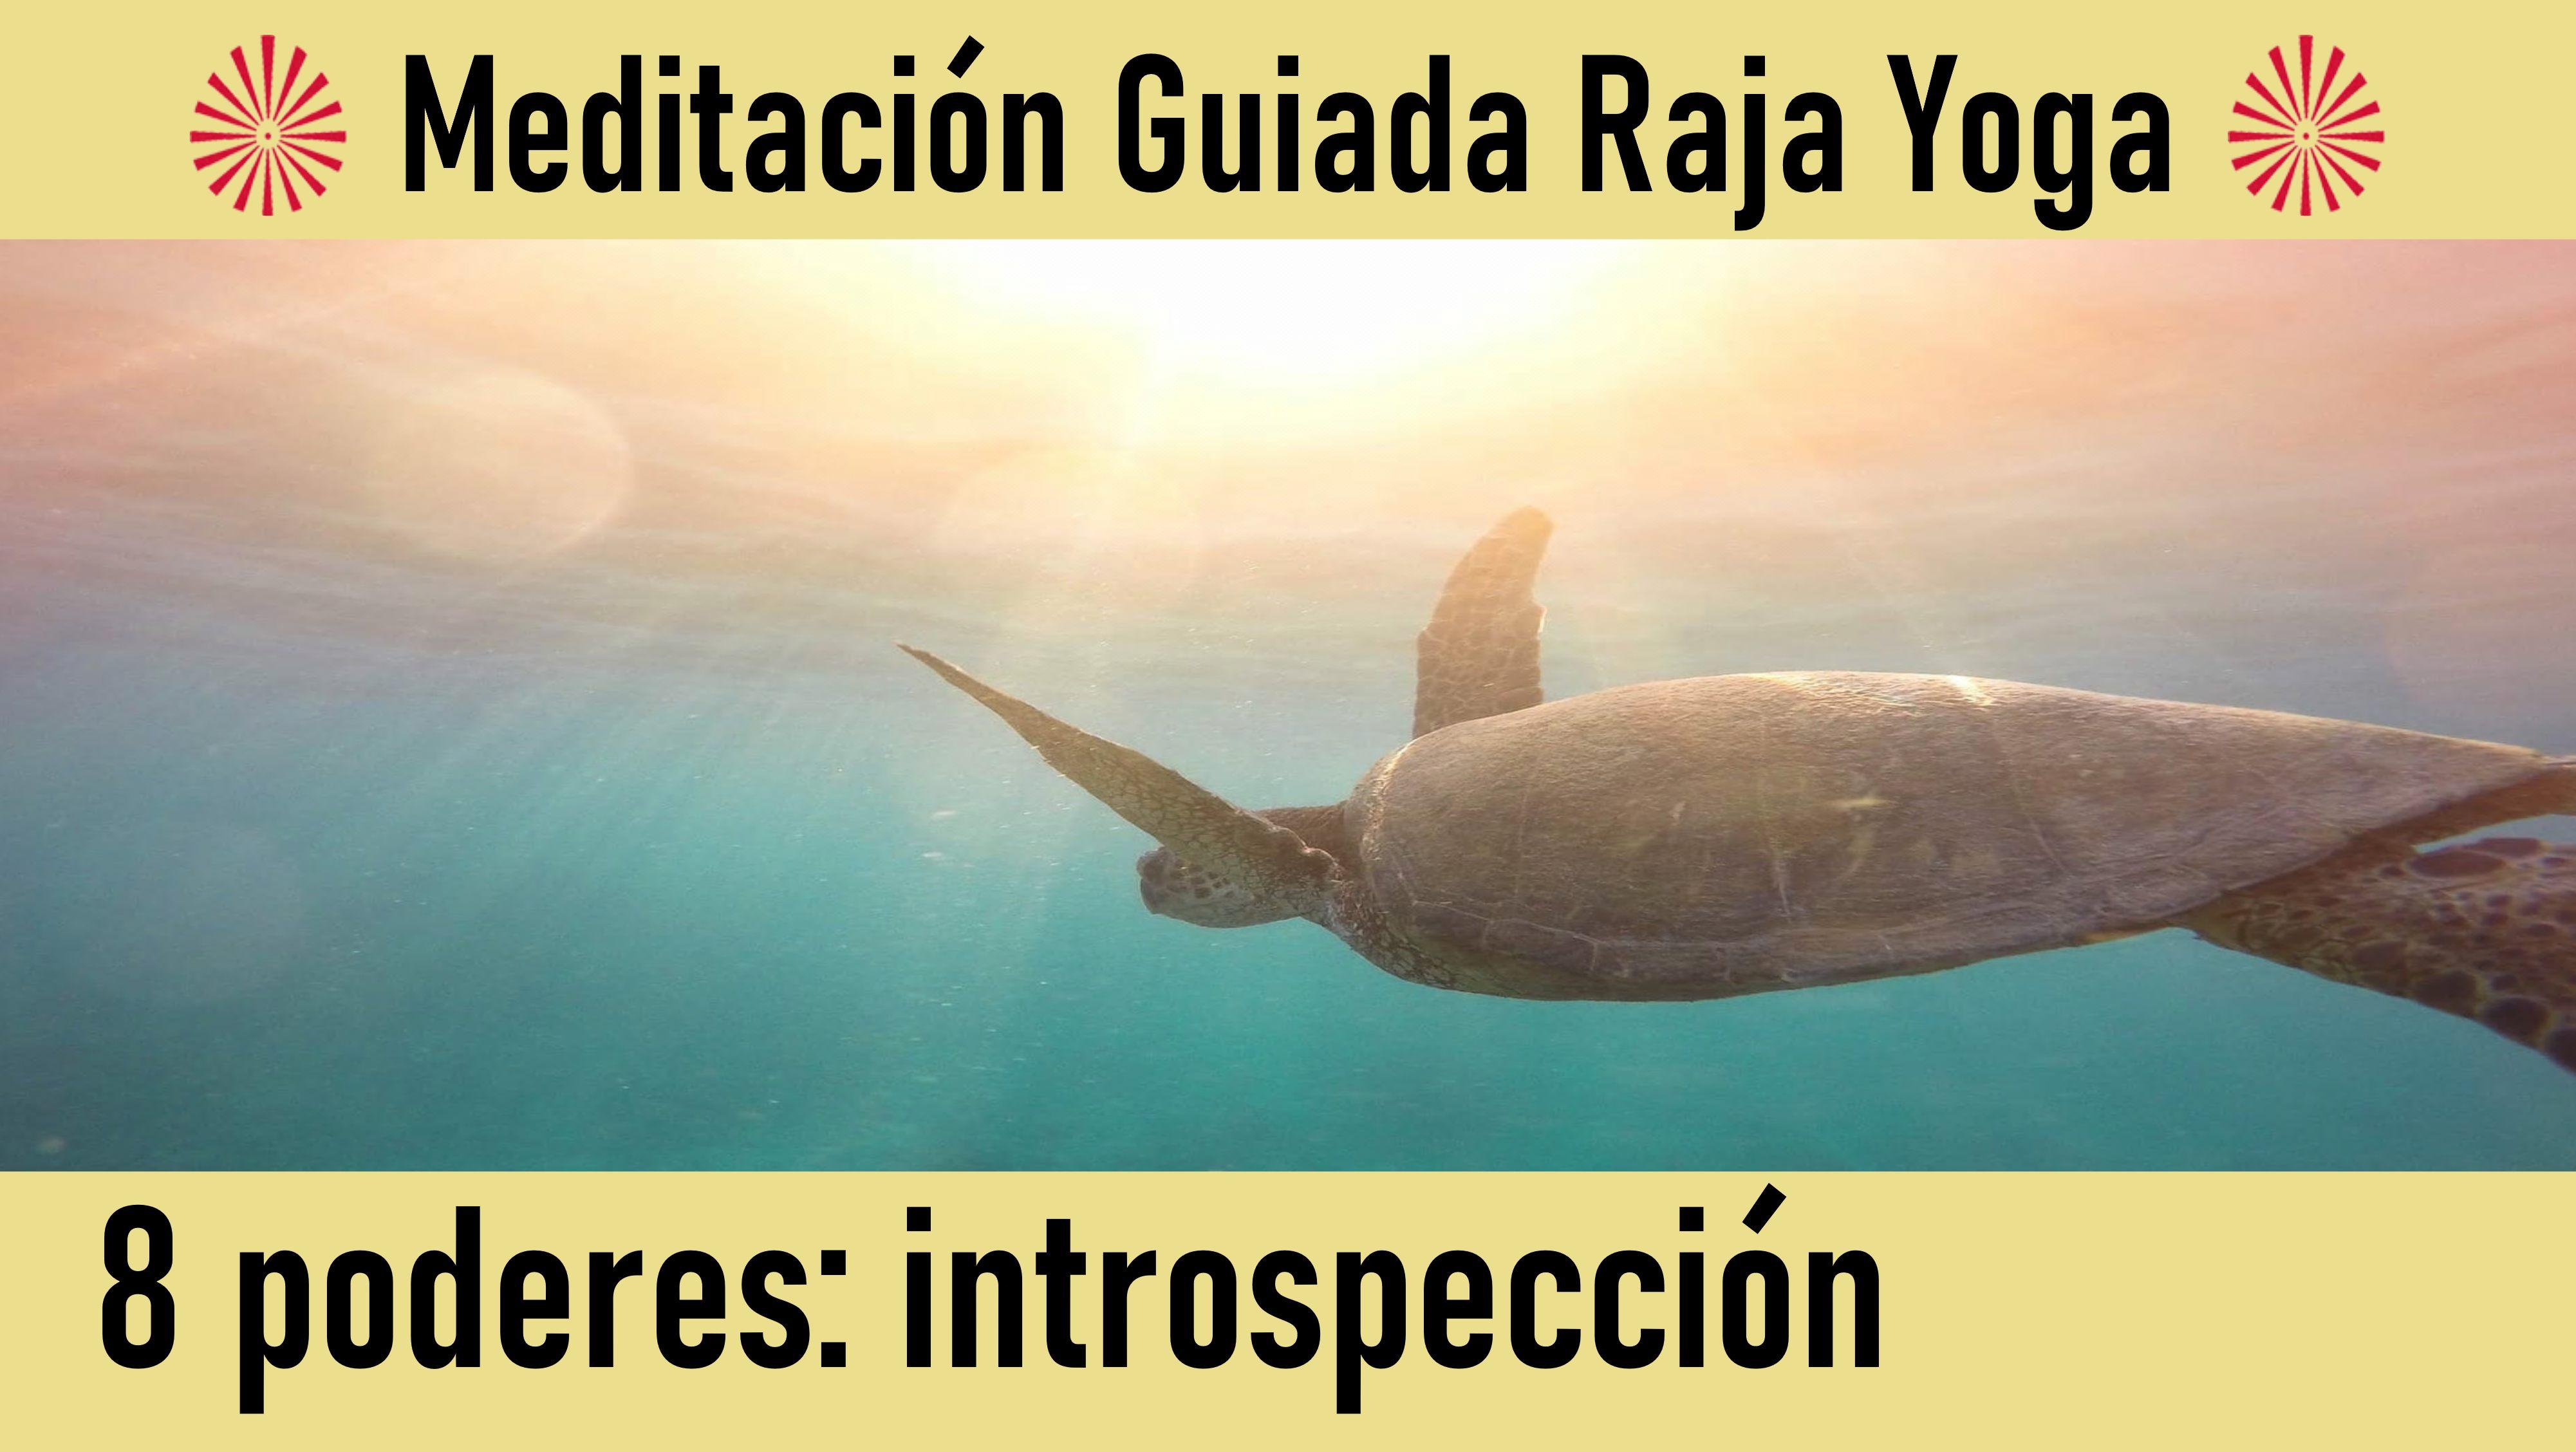 Meditación Raja Yoga: El poder de la introspección (9 Junio 2020) On-line desde Canarias